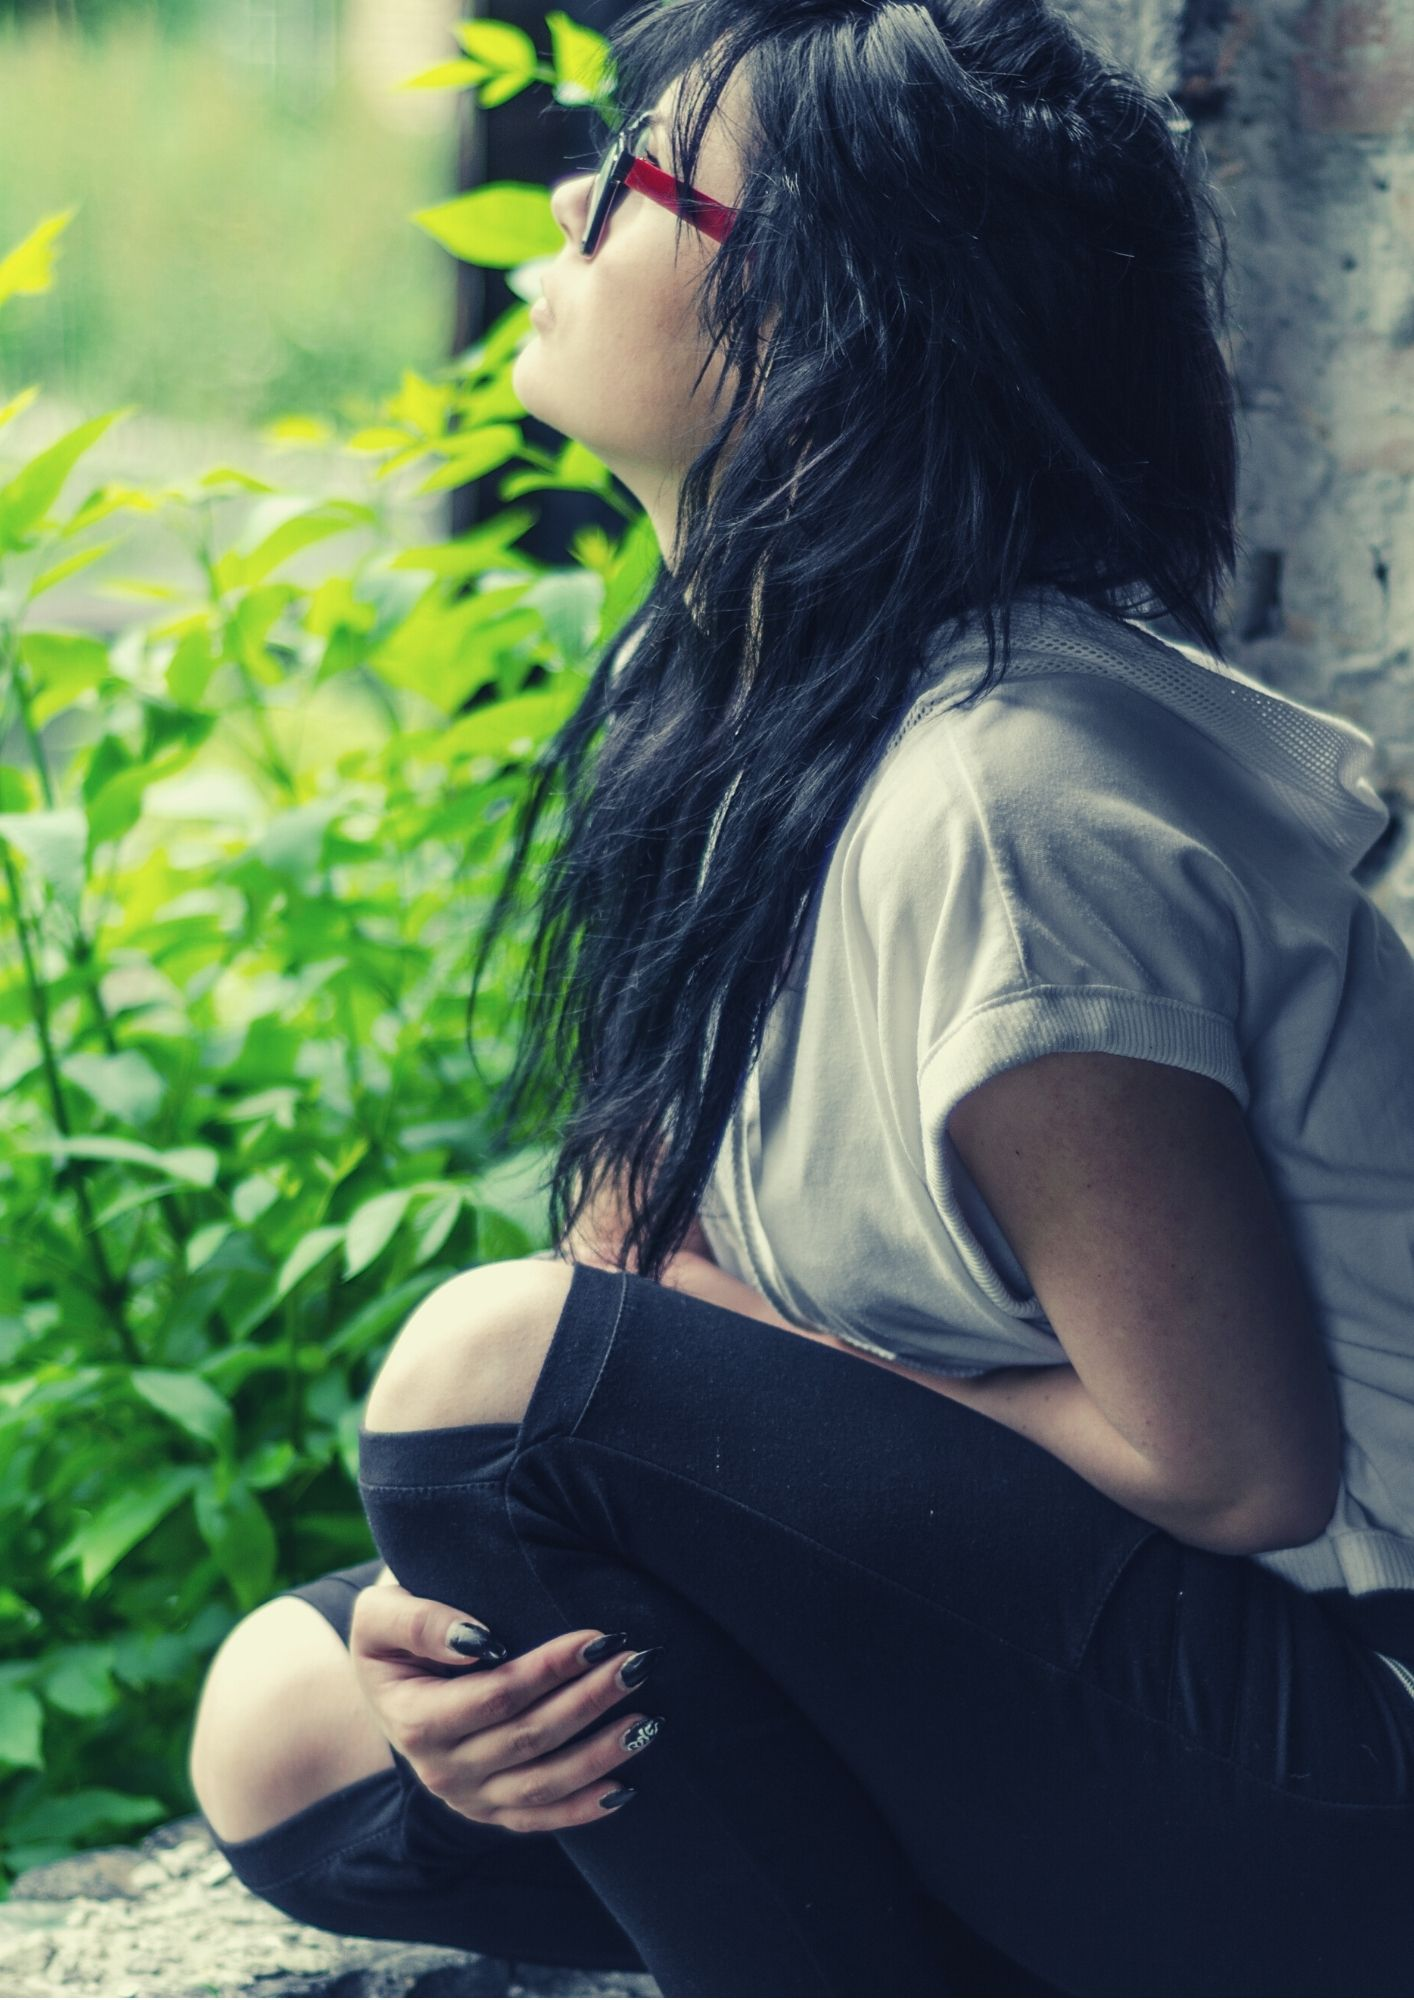 alta sensibilità adolescente sensibile supporto capire gestire emozioni